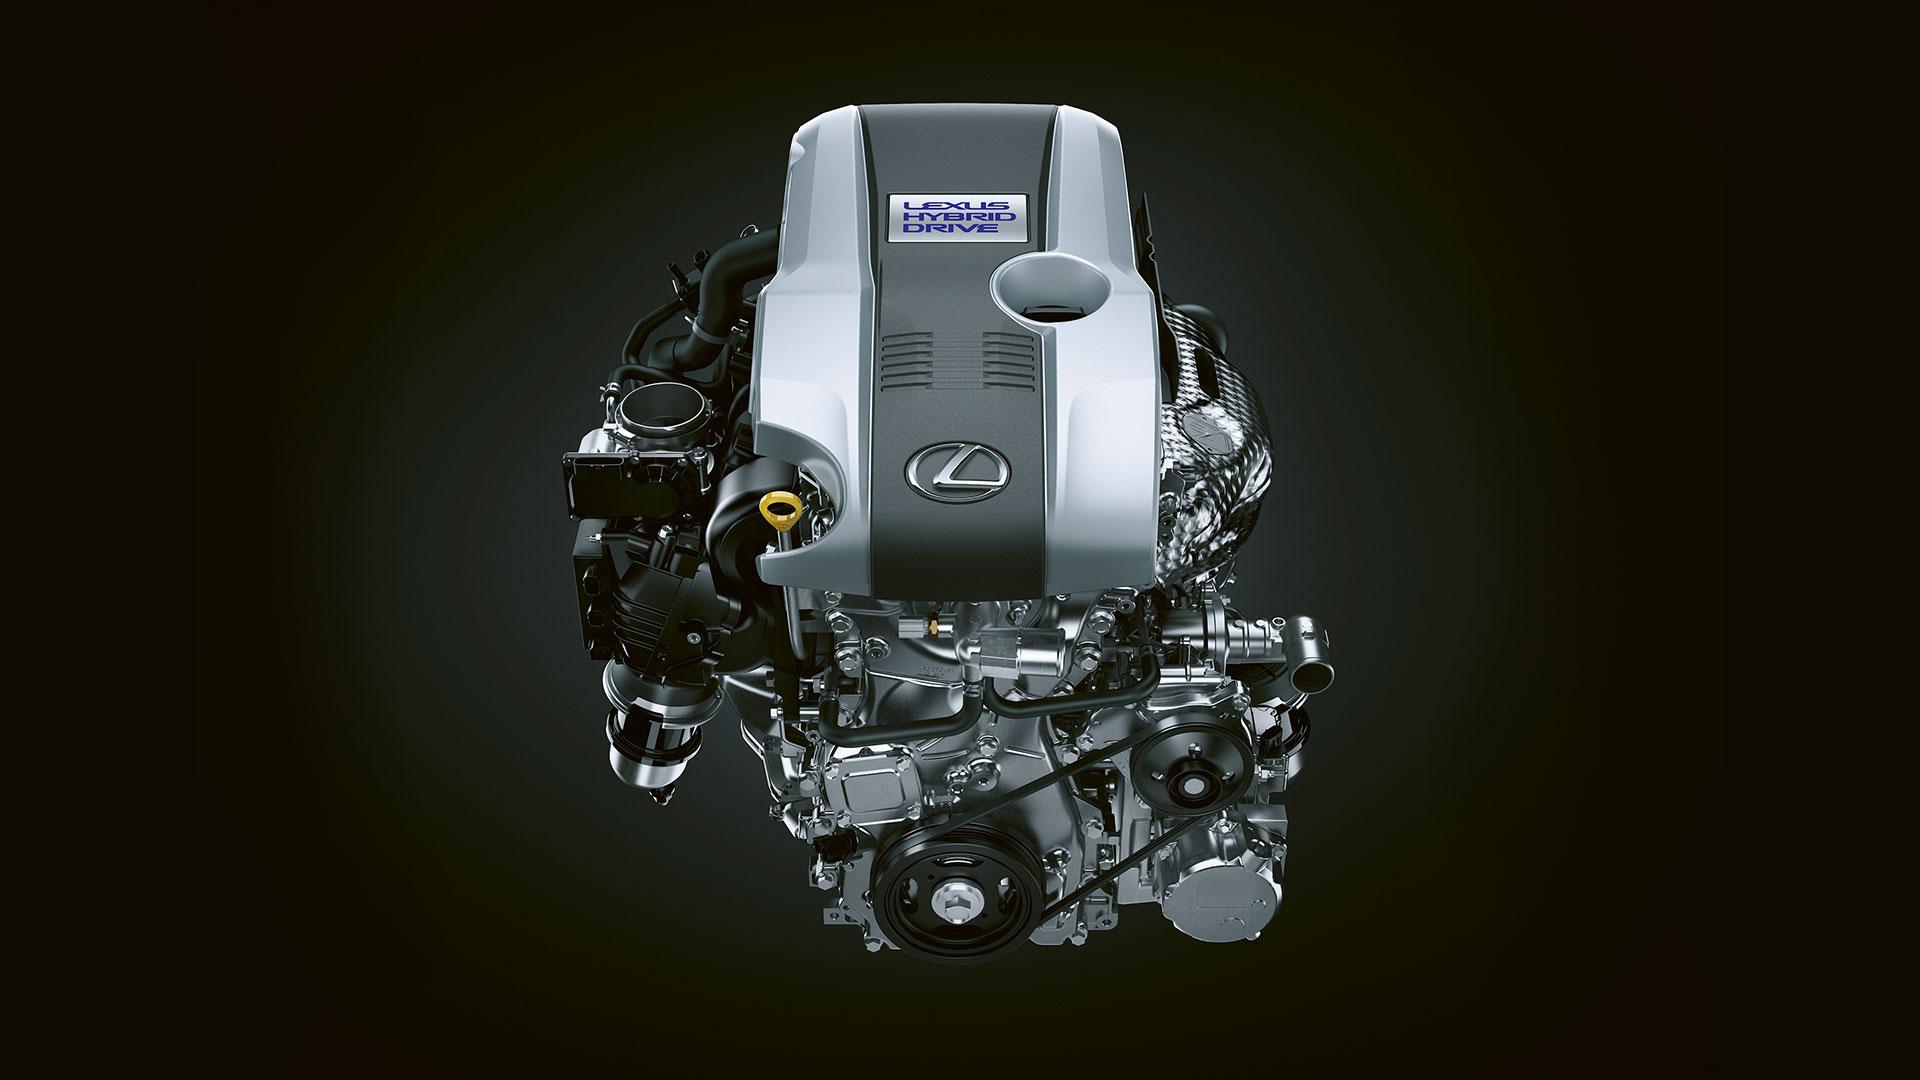 2018 lexus rc hotspot hybrid or petrol